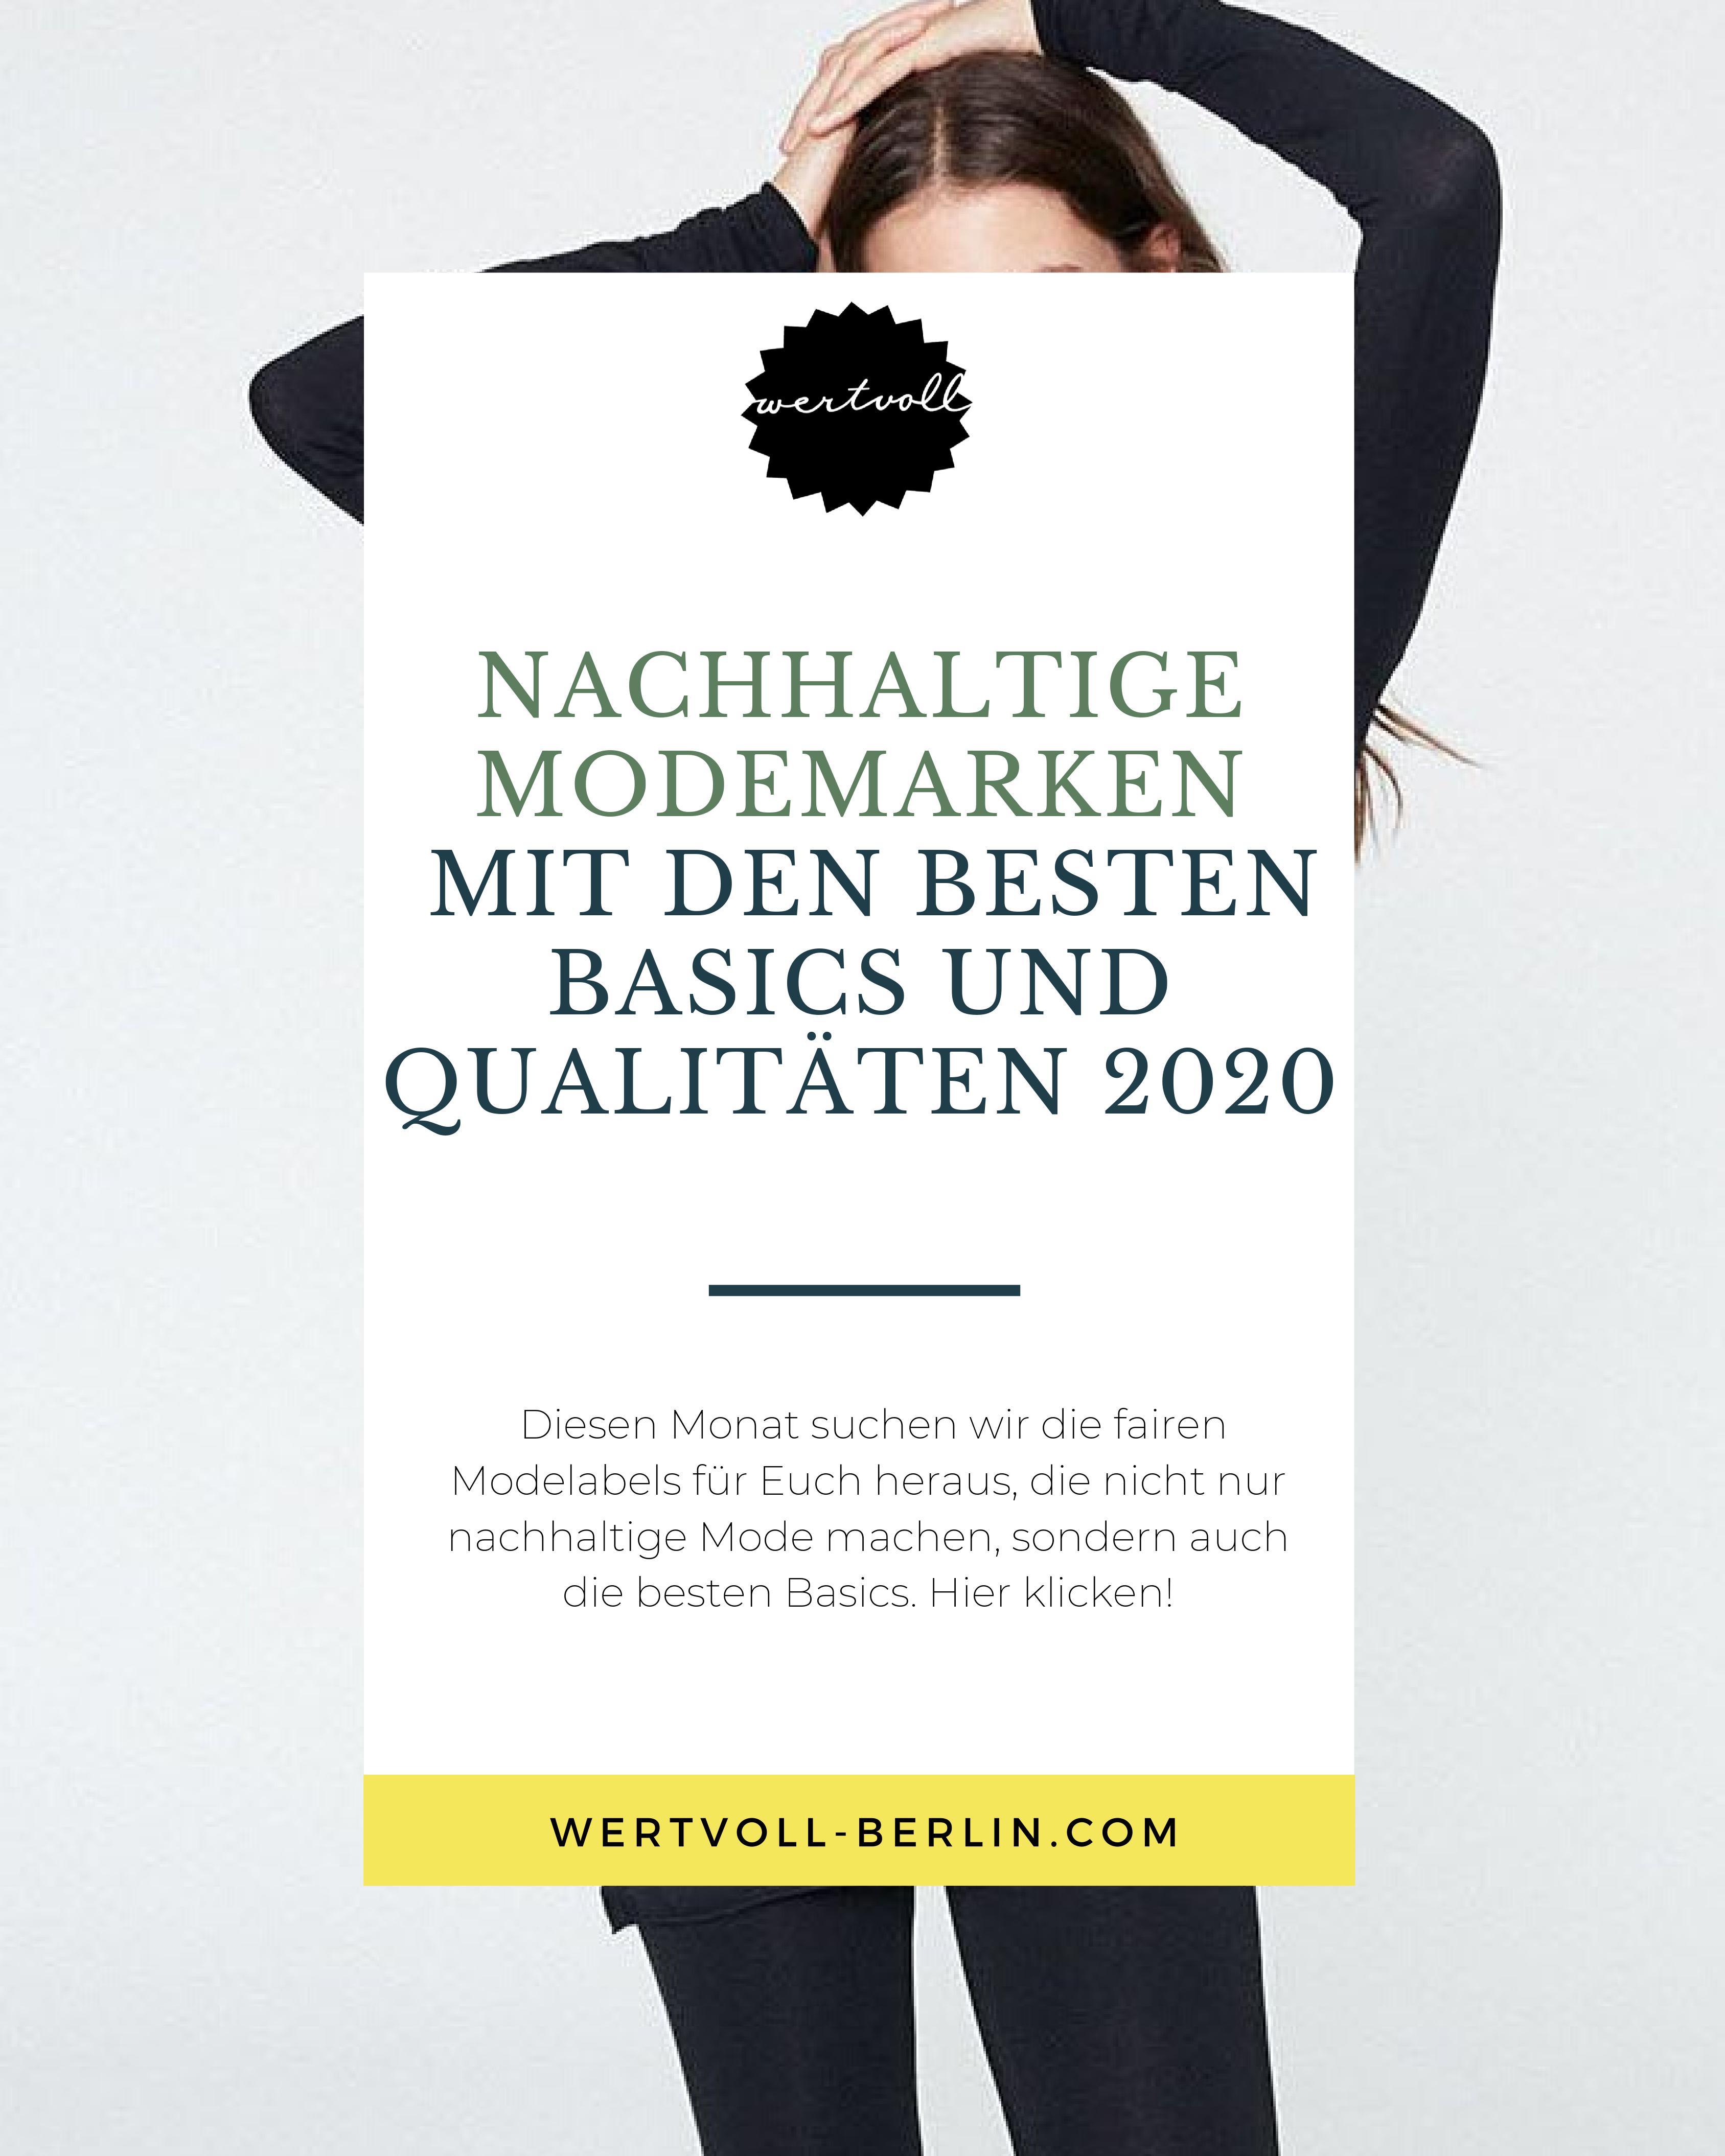 Nachhaltige Modemarken mit den besten Basics und Qualitäten 2020